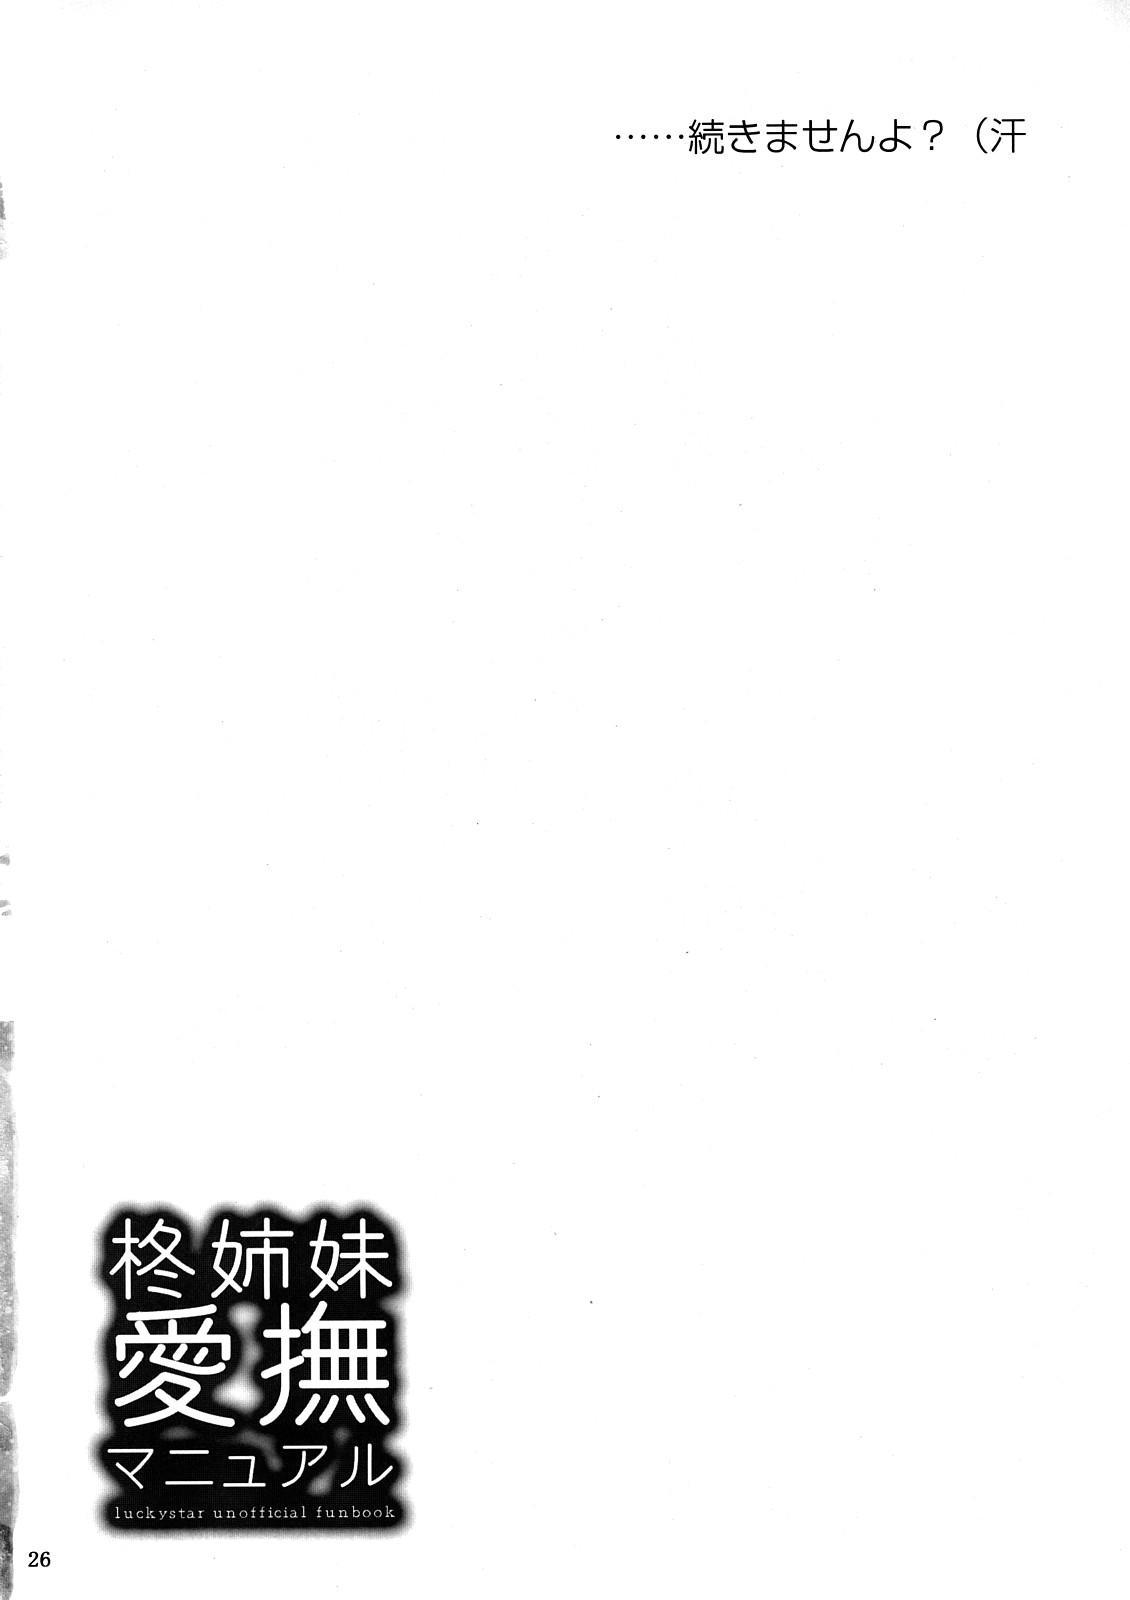 Hiiragi Shimai Aibu Manual 26